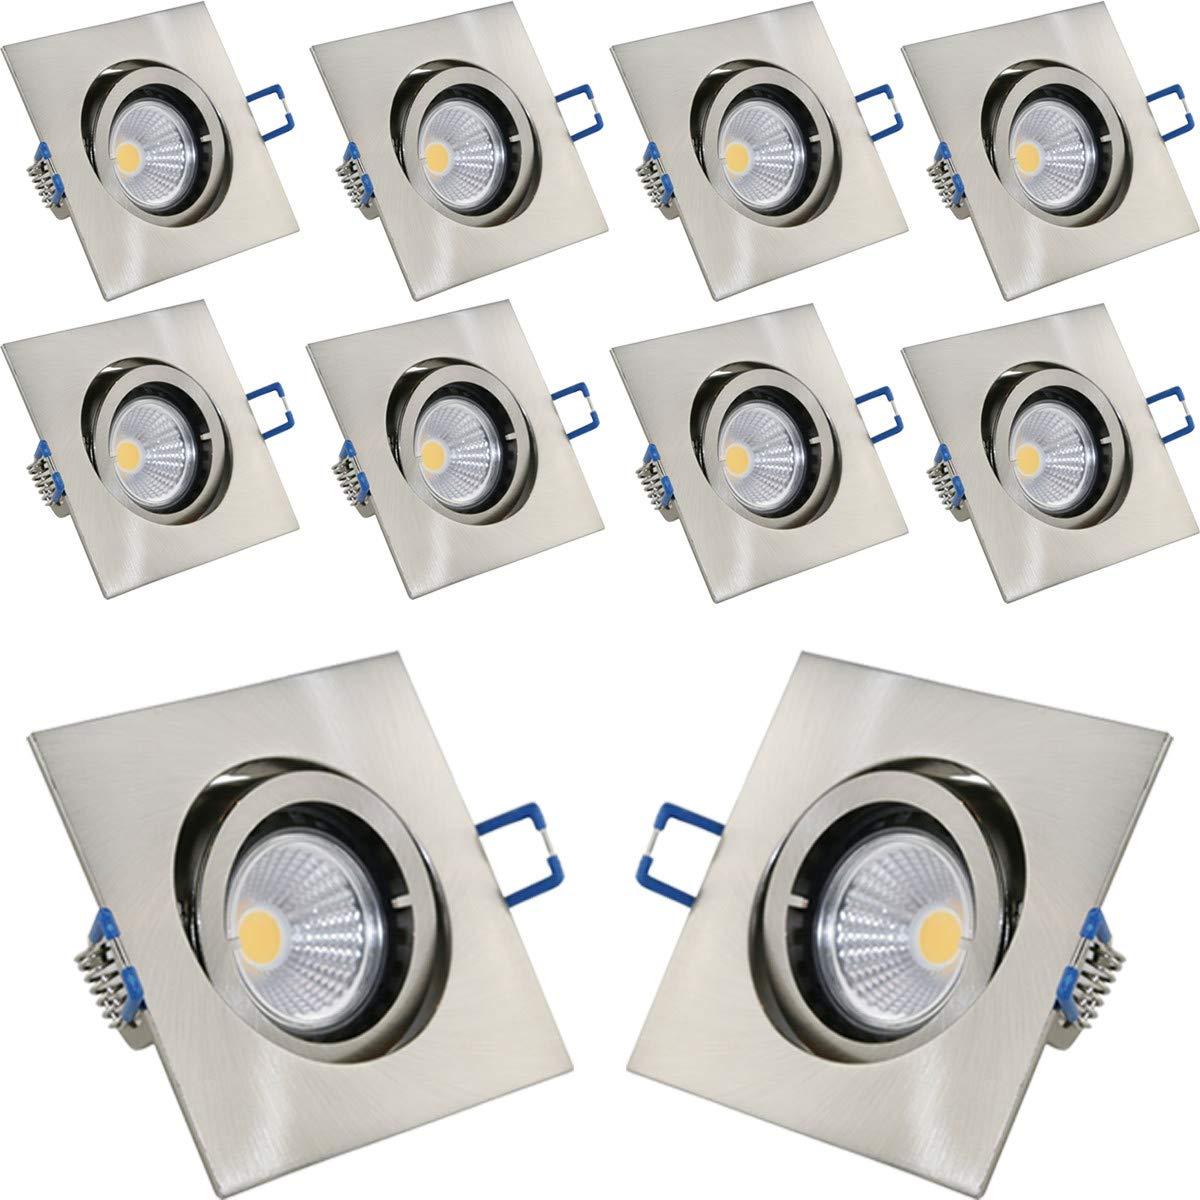 10er Set VBLED Einbaustrahler Aluminium gebürstet eckig mit 3,5W COB LED Leuchtmittel 230V (vergleichbar mit 40W Halogen) warmweiß (Einbauleuchte Einbauspot Decken) schwenkbar (Aluminium gebürstet)